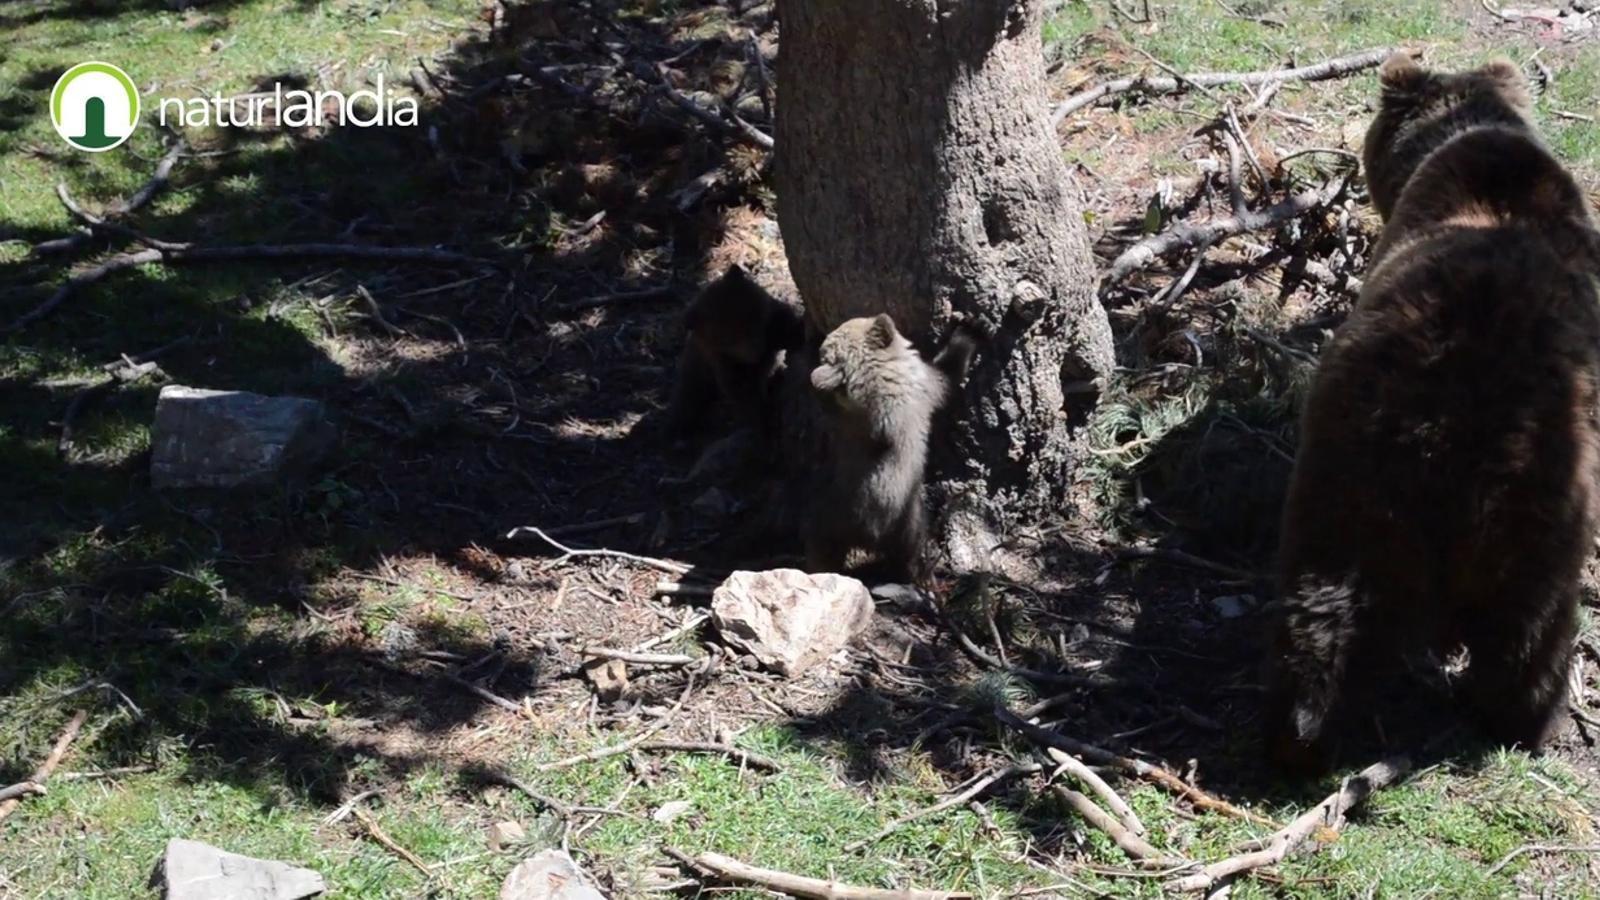 Imatges de les primeres cries d'ós que neixen a Naturlàndia